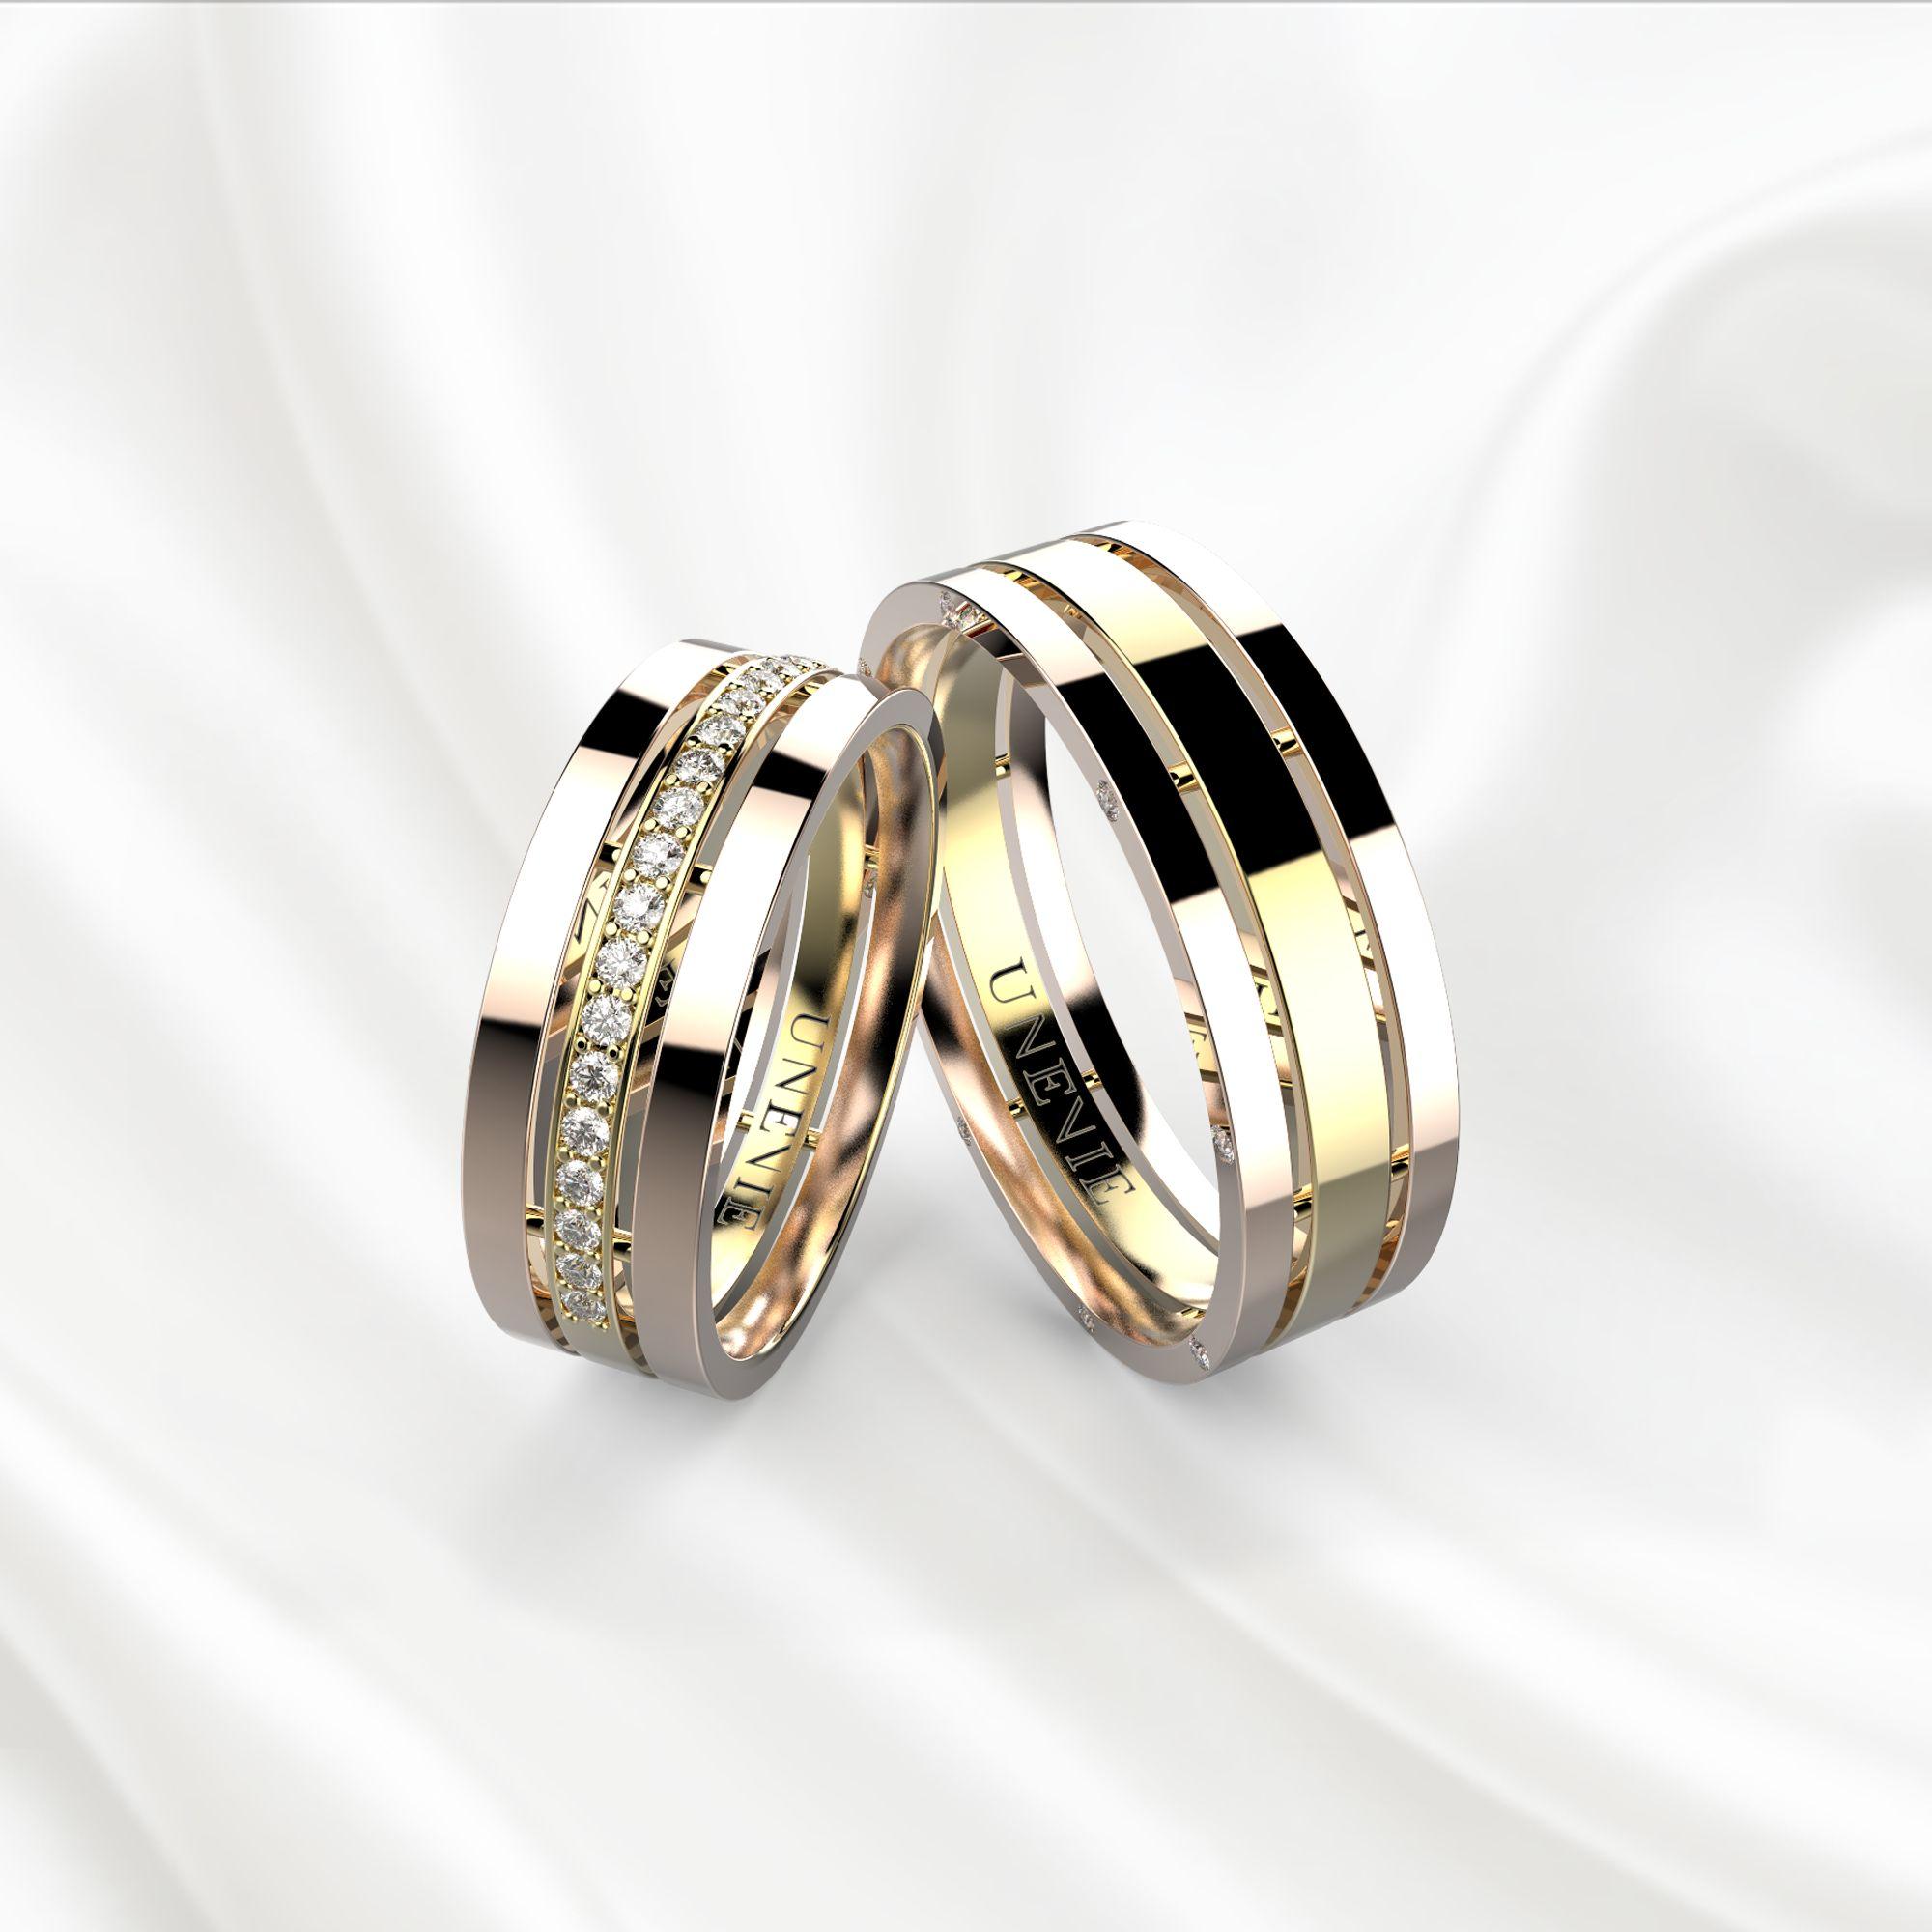 NV12 Обручальные кольца из розово-желтого золота